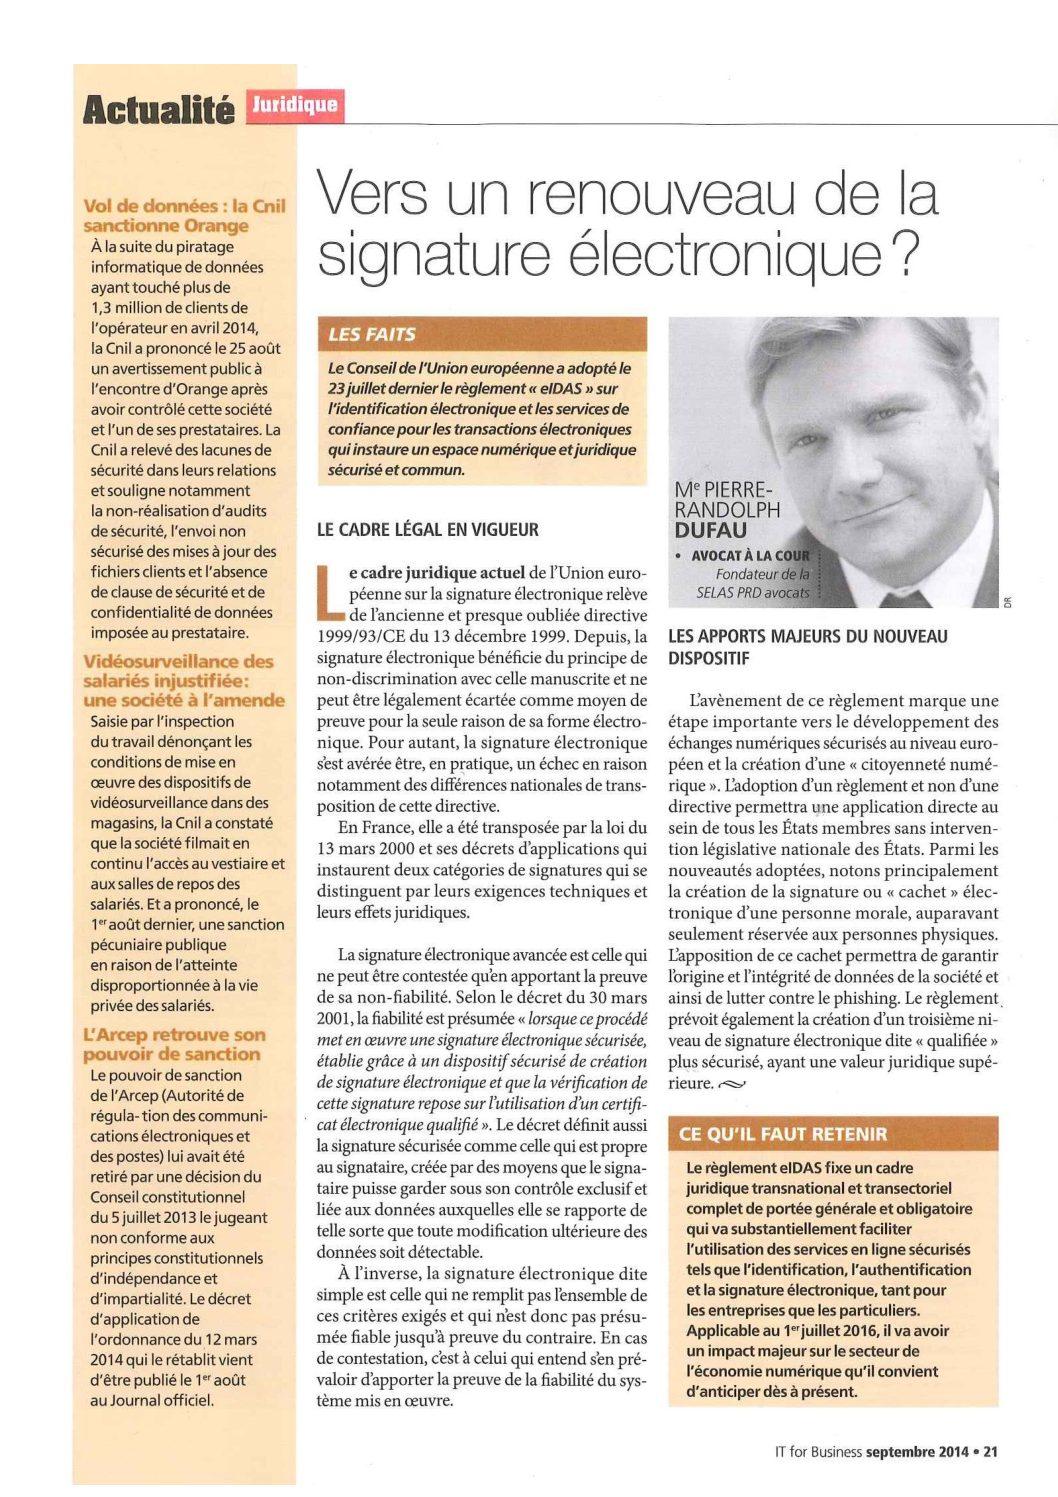 Vers un renouveau de la signature électronique?